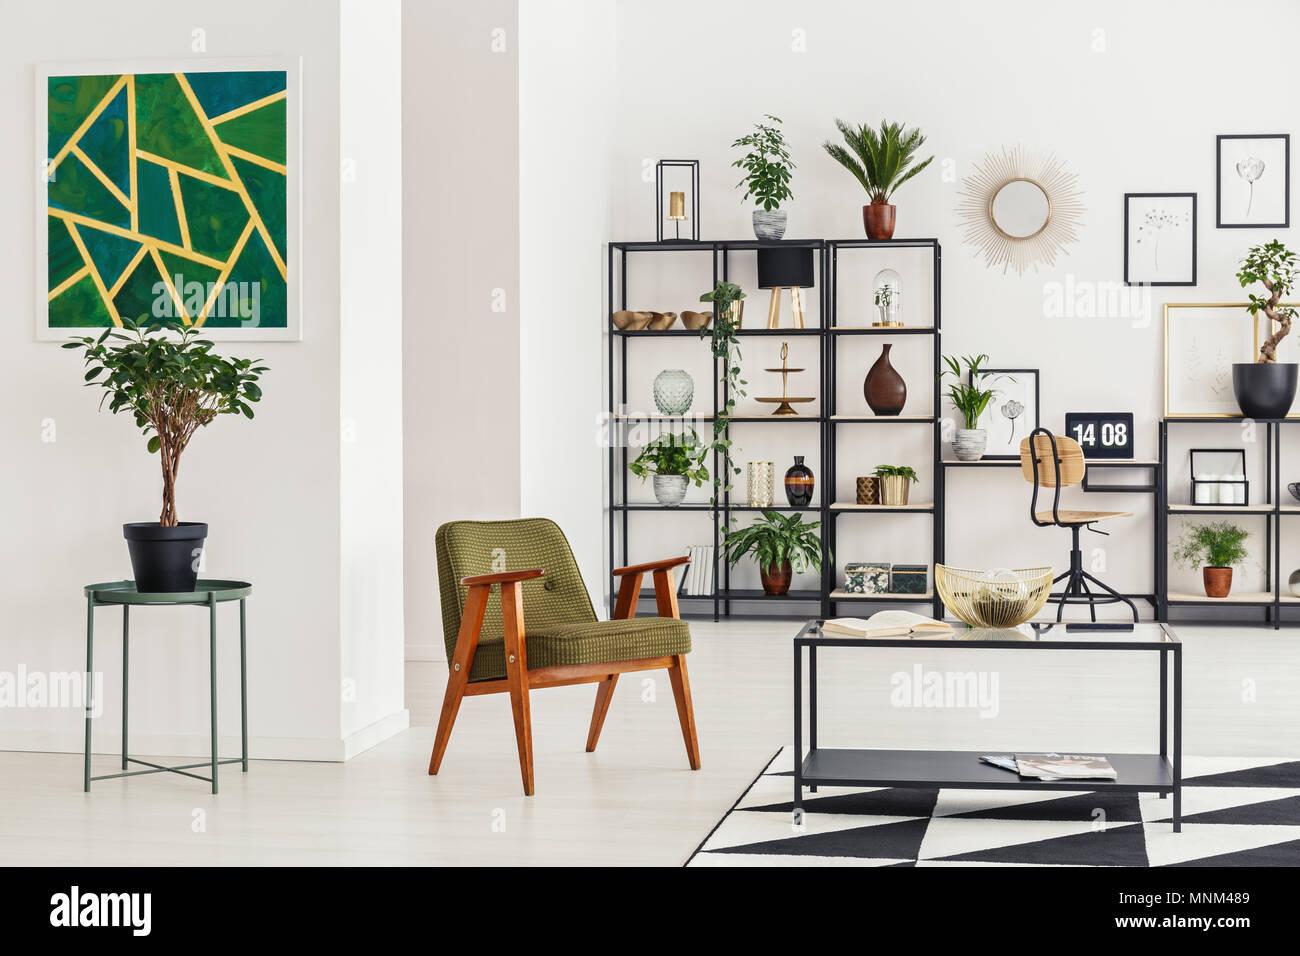 Planta en una mesa contra la pared blanca con pintura verde en el salón interior con sillón de madera Imagen De Stock